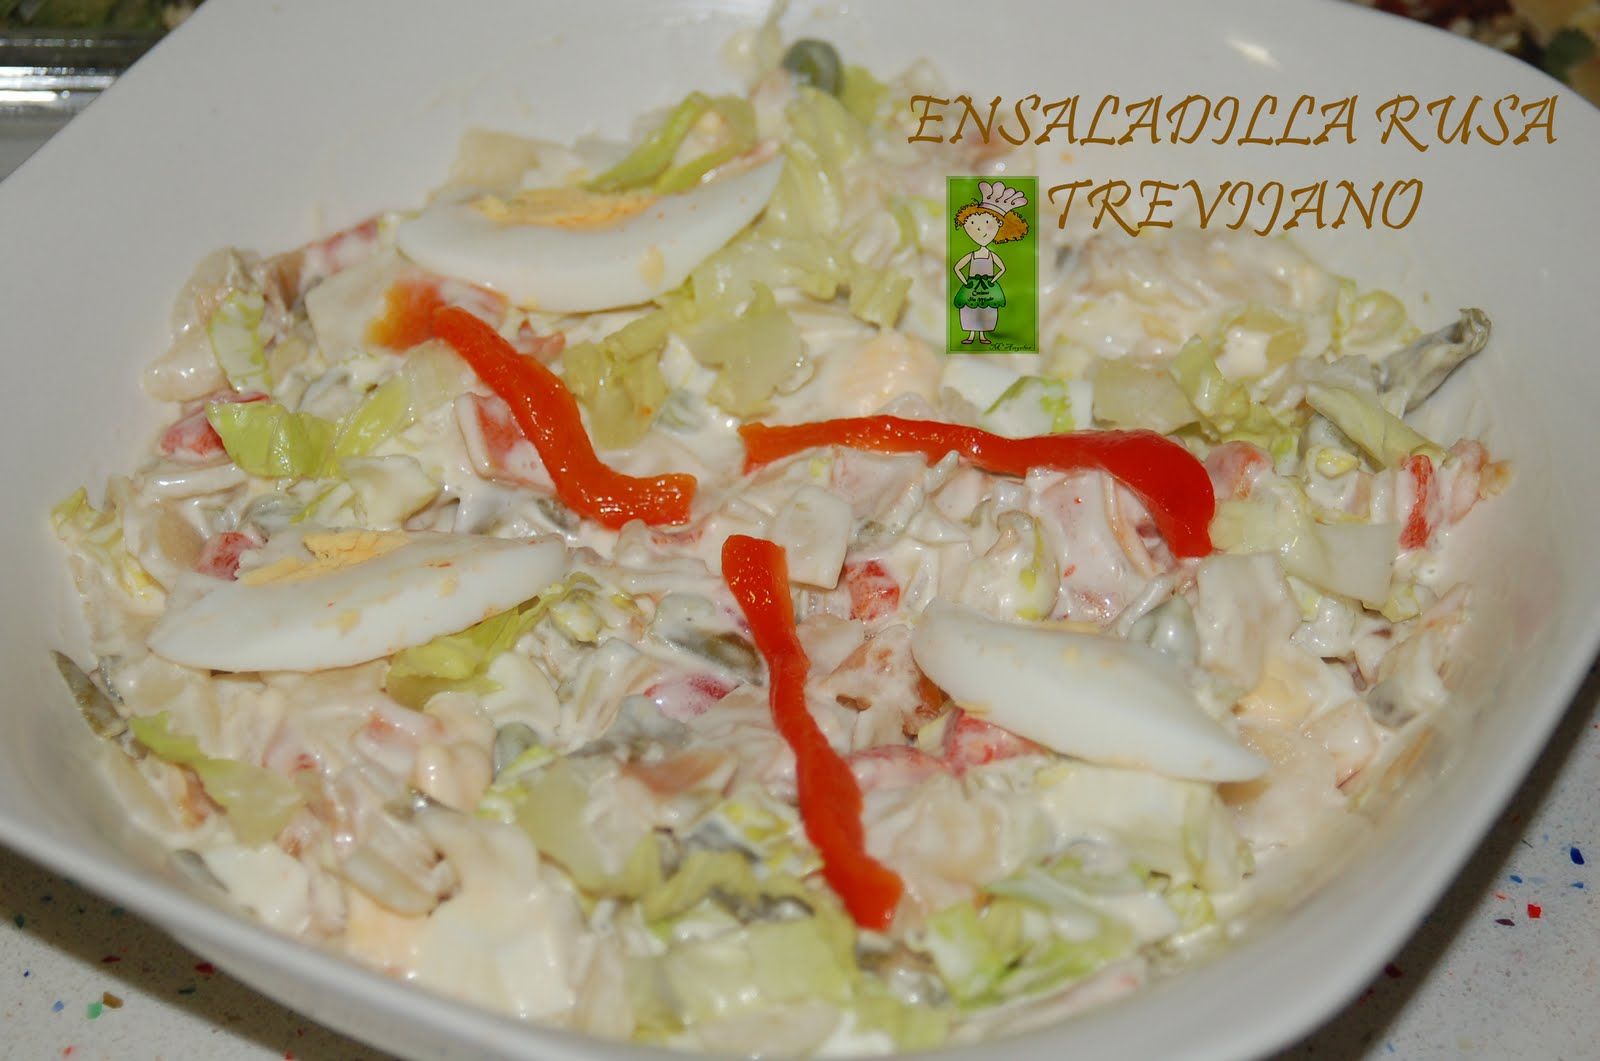 Cocinar sin miedo ensaladilla rusa trevijano for Cocinar ensaladilla rusa